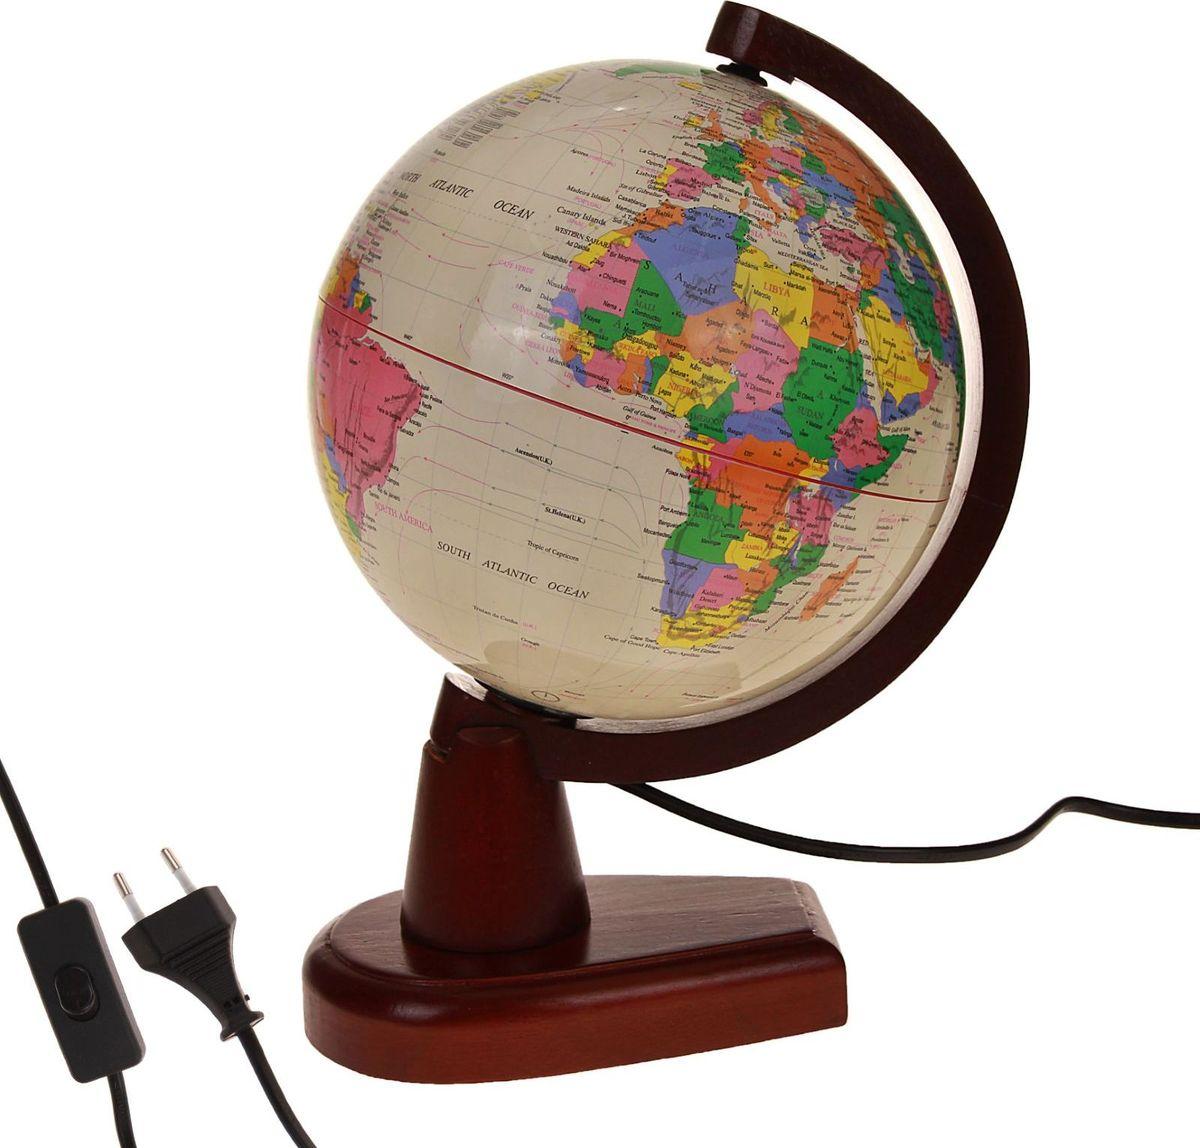 Глобус Политическая карта на английском языке диаметр 20 см глобус политическая карта на английском языке диаметр 33 см